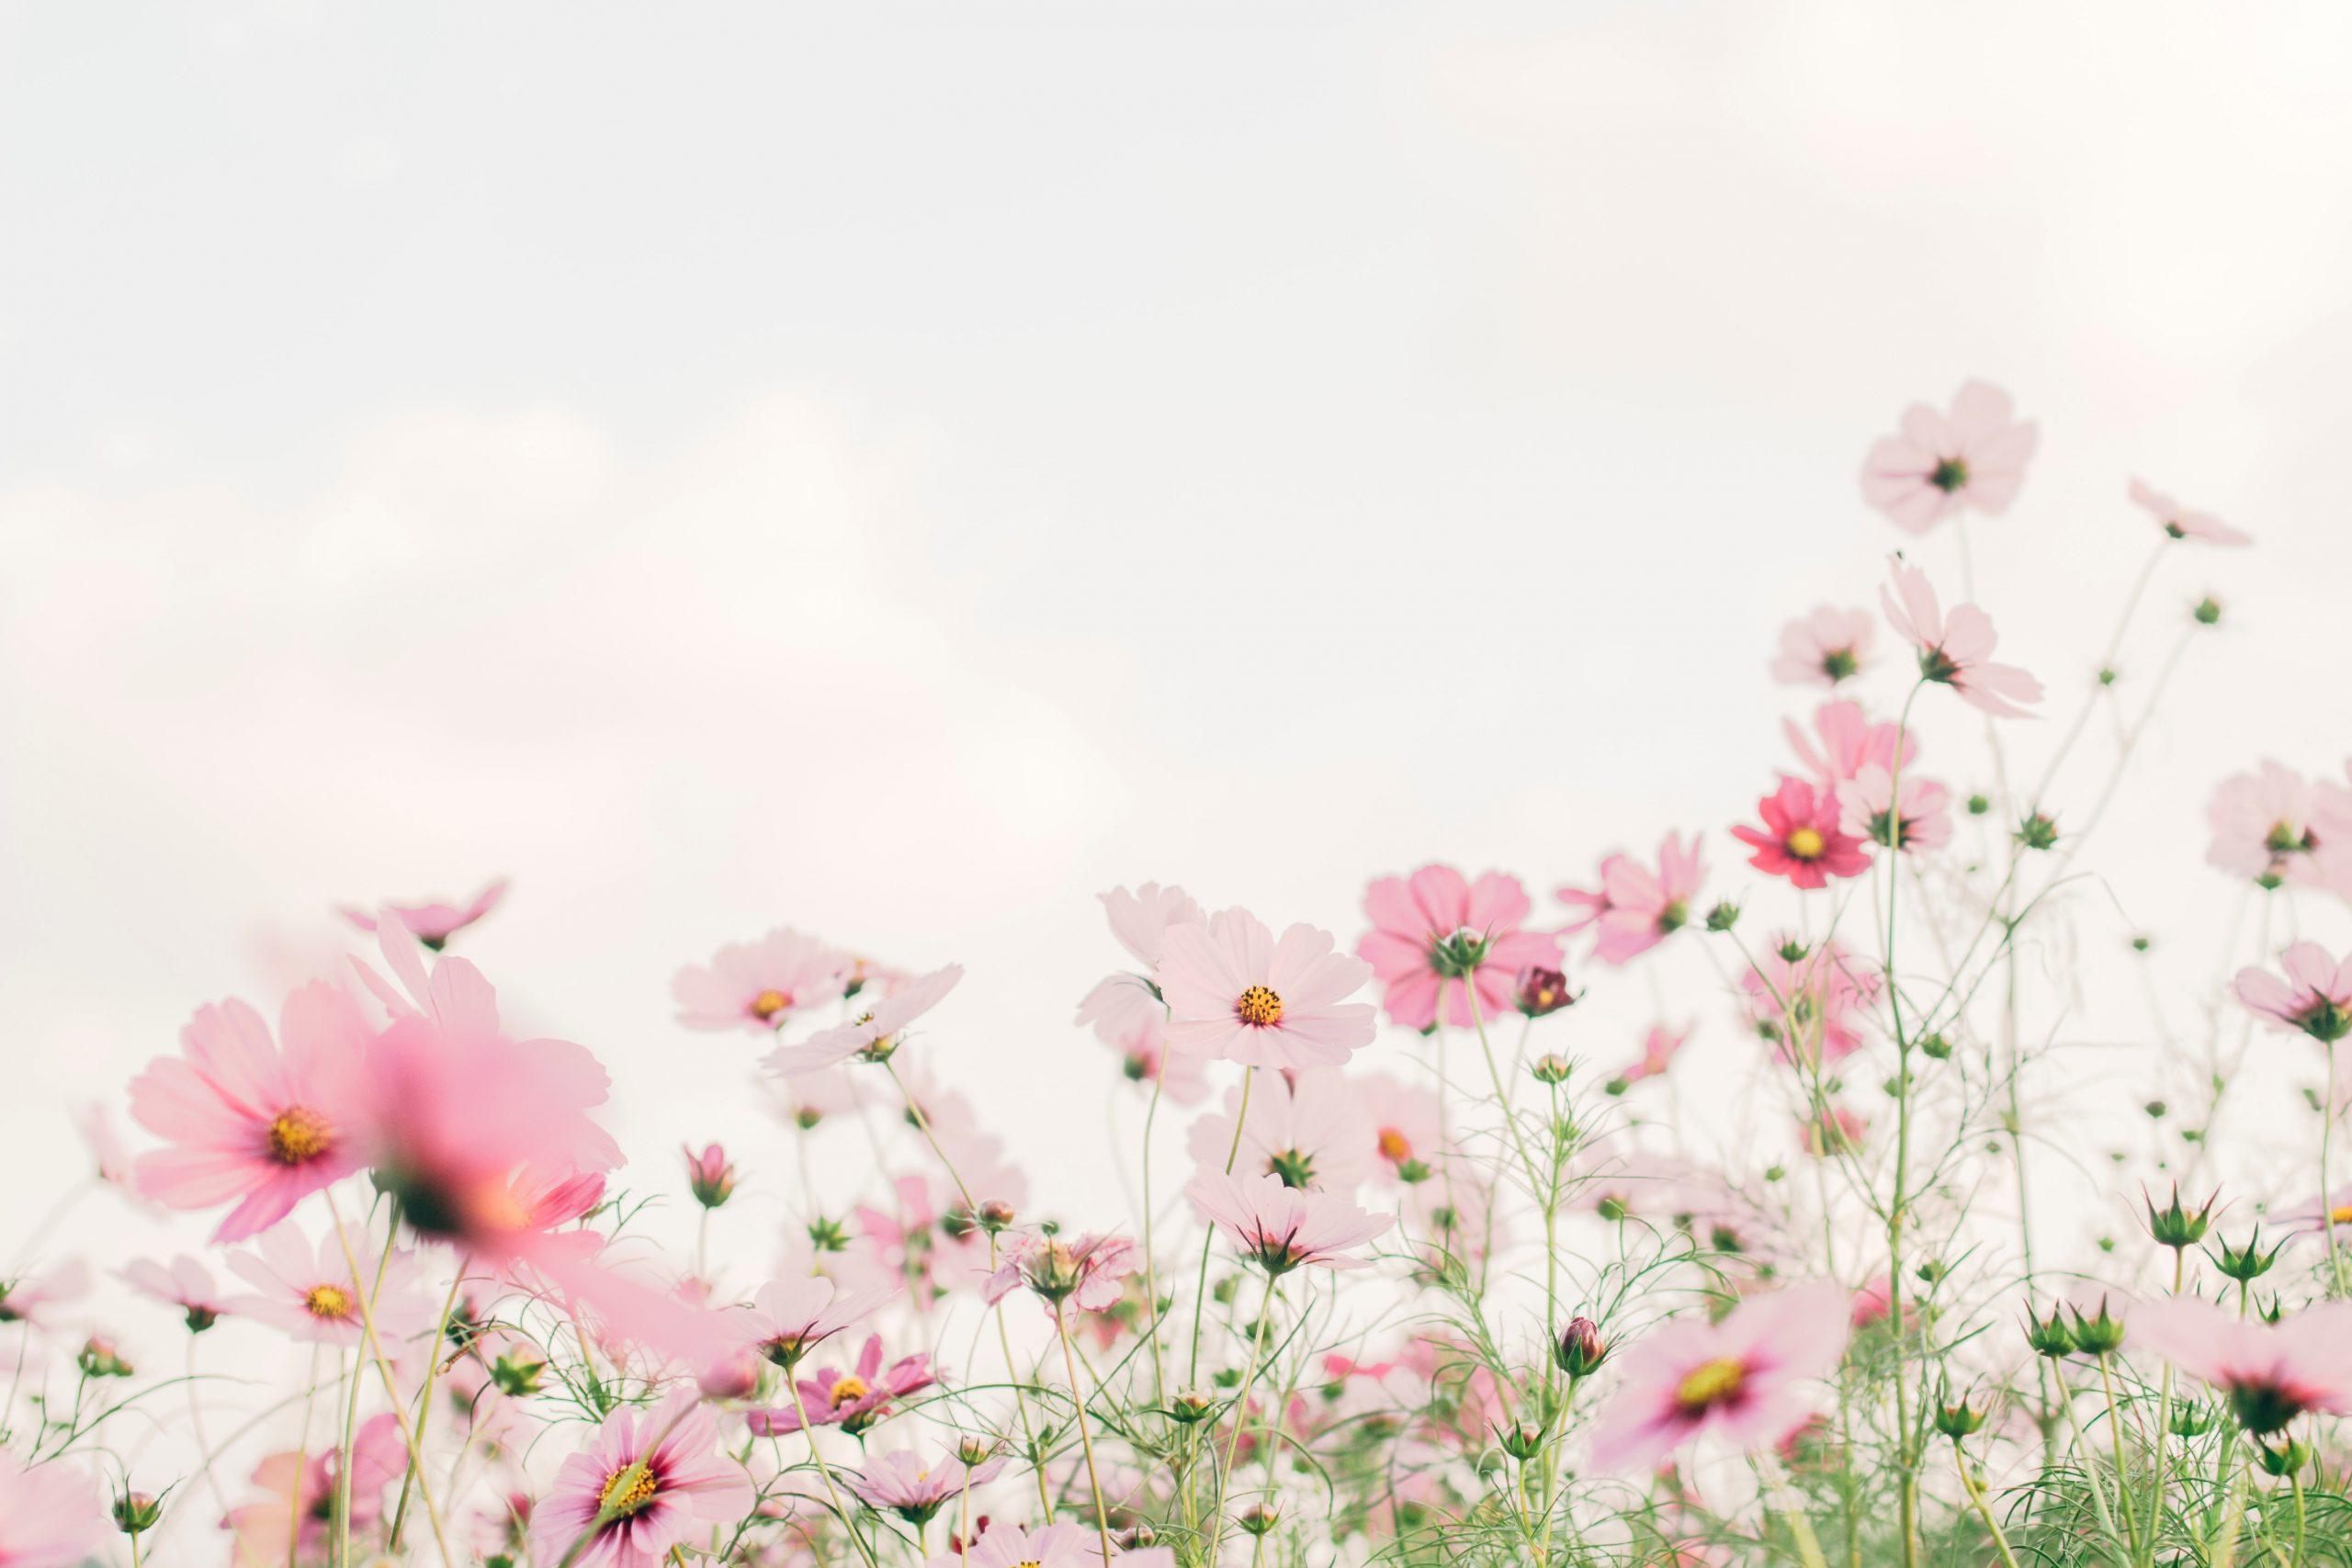 春は憂鬱な季節!?今すぐできる心の断捨離で運気アップ